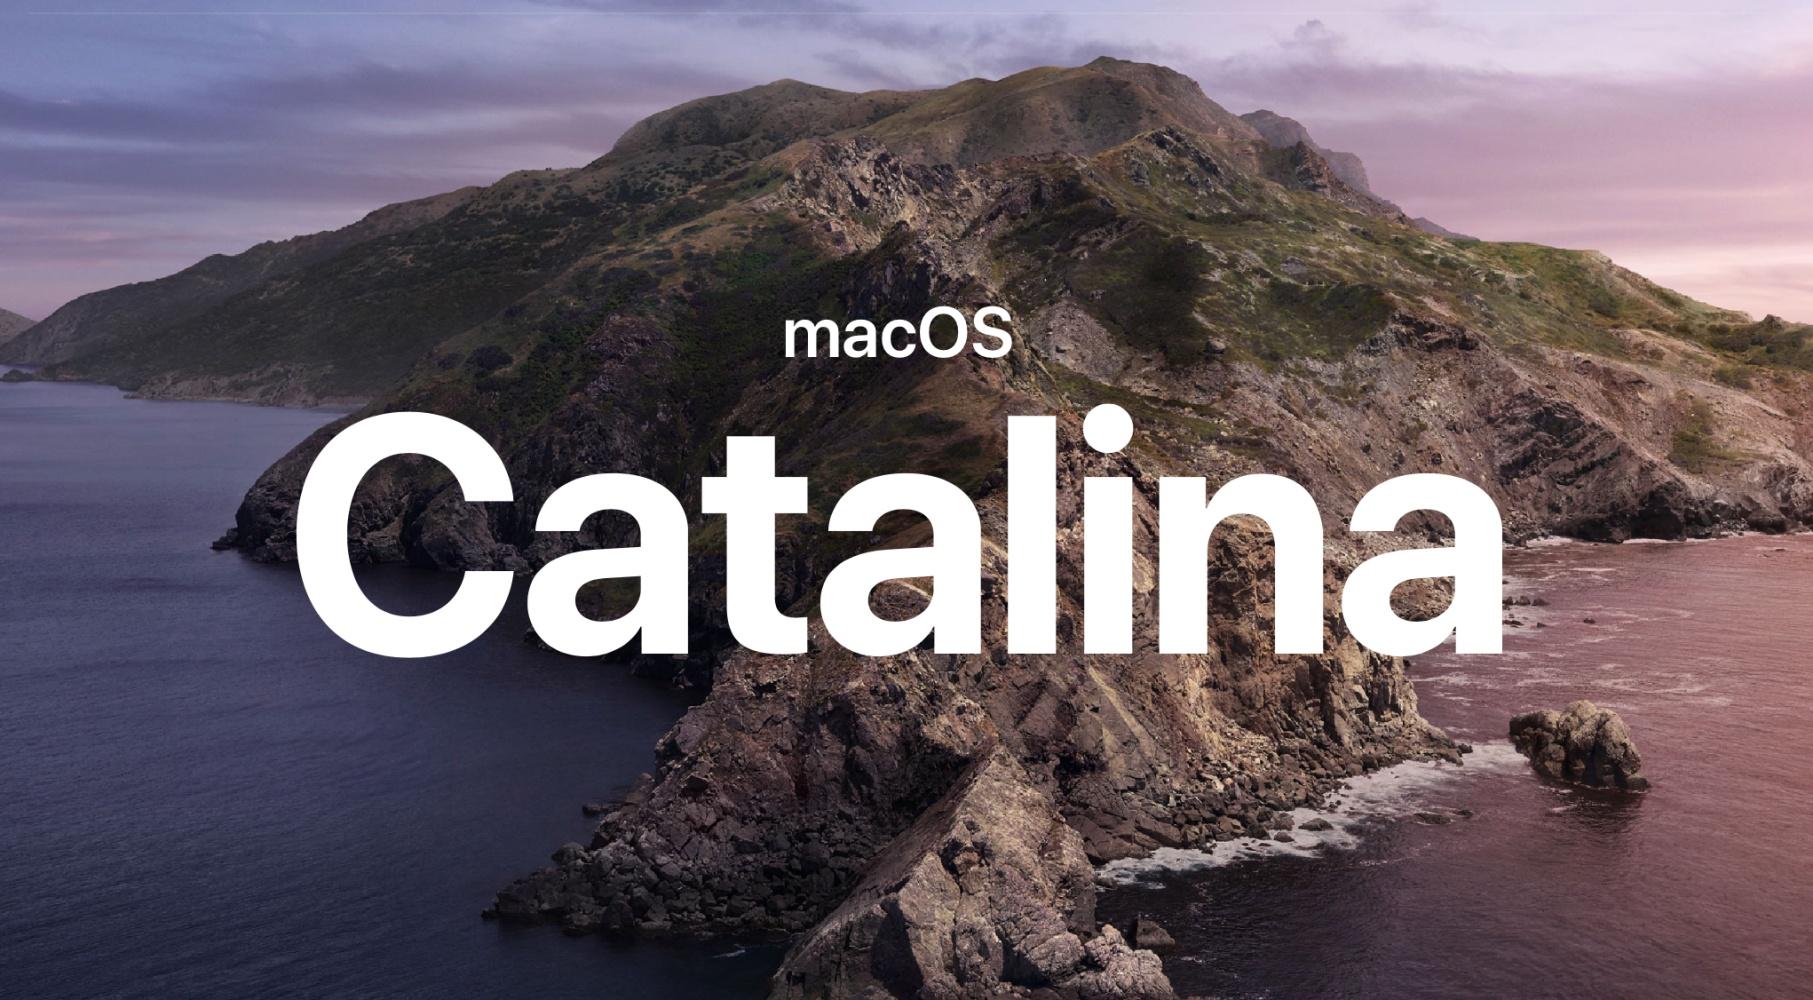 macOS Catalina już dostępny! Najważniejsze nowości i lista wspieranych urządzeń